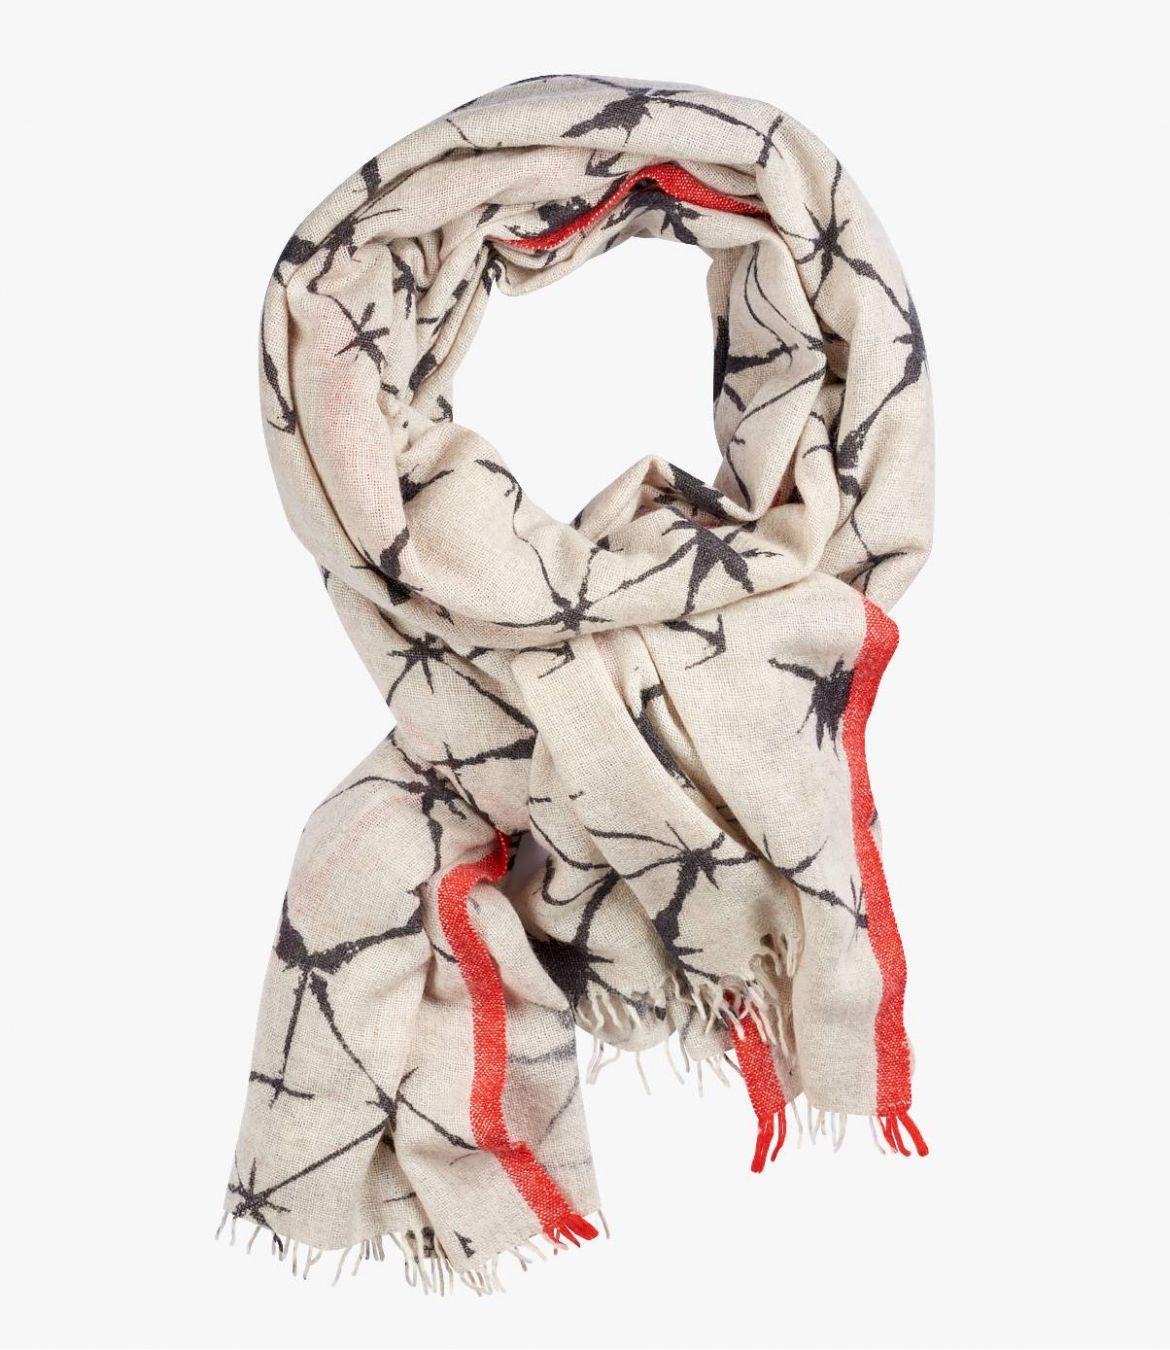 KDO Echarpe en Laine, Nylon, Coton pour Femme 100x200 cm Storiatipic - 1